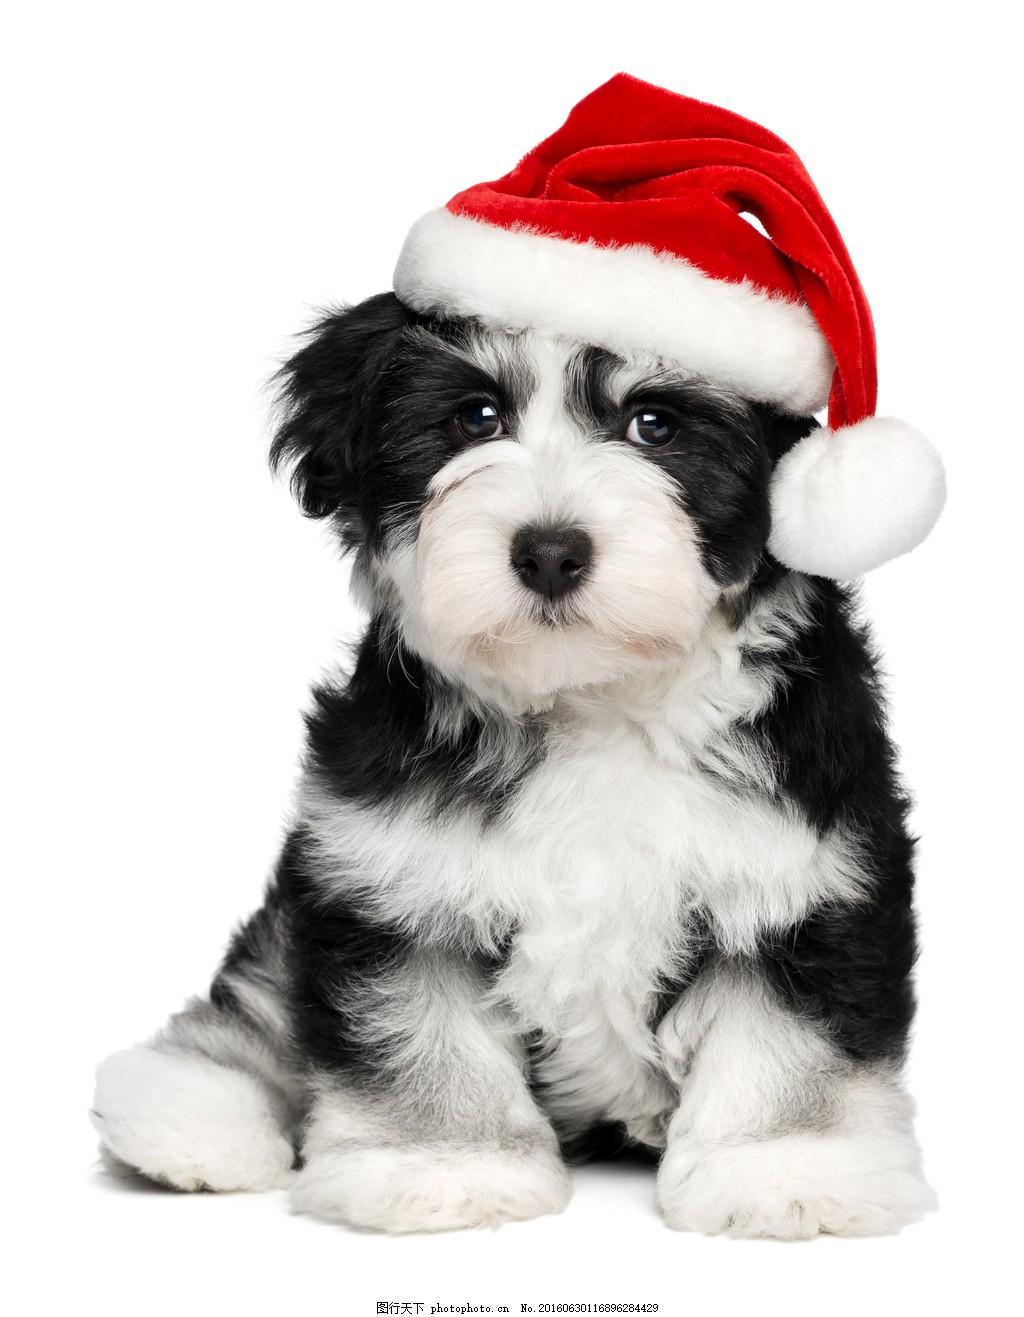 圣诞黑白萌狗狗图片素材